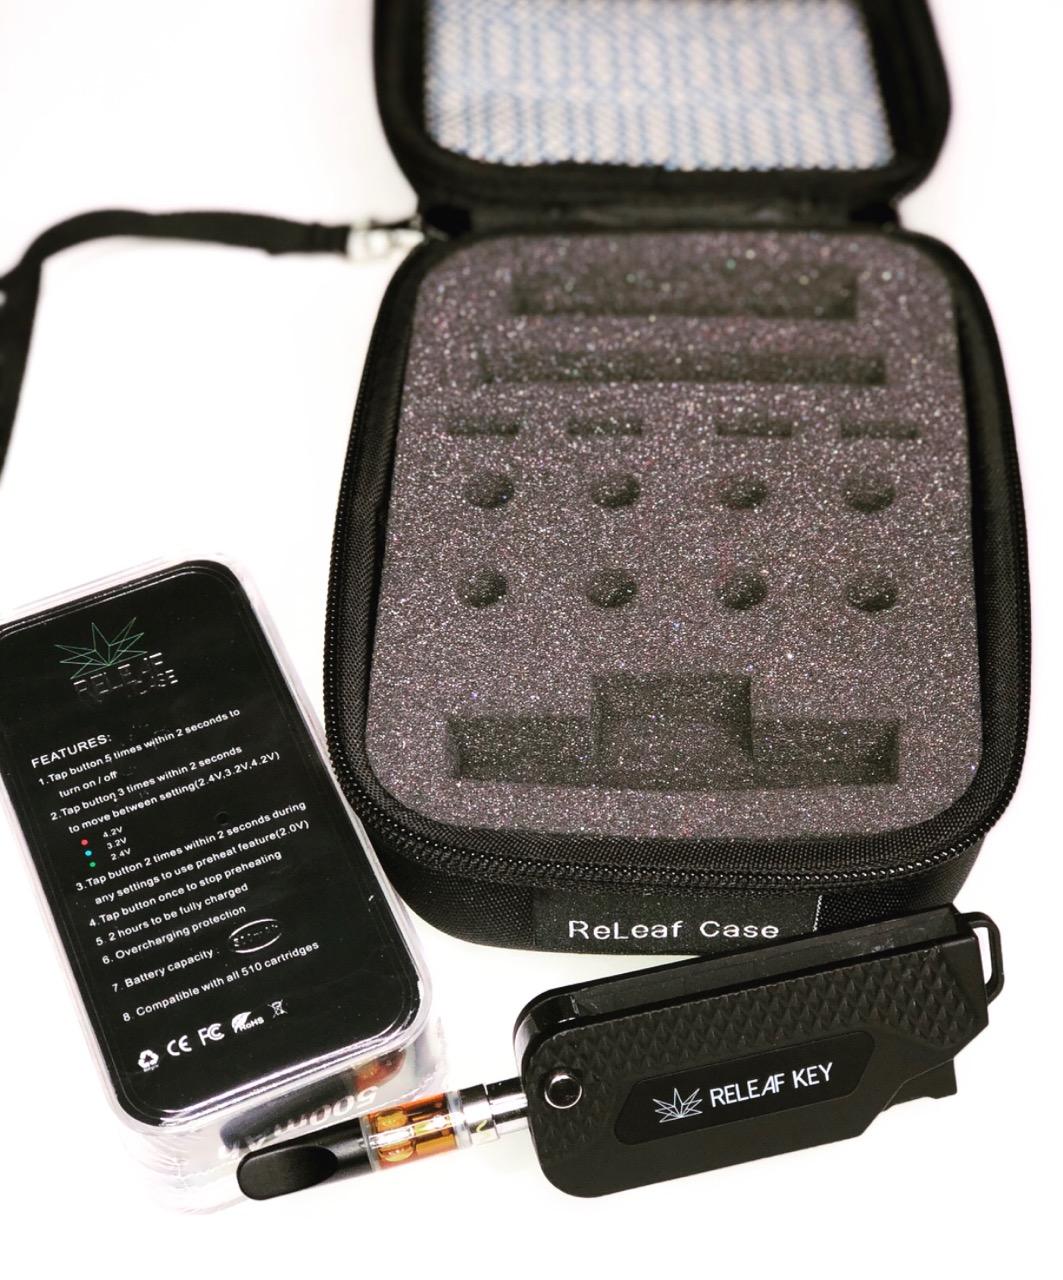 NEW Releaf Case + Releaf Key Bundle - The Releaf Case fits up to 8 reg carts + 4 pods + 3 batteries. Get your discounted offer below: